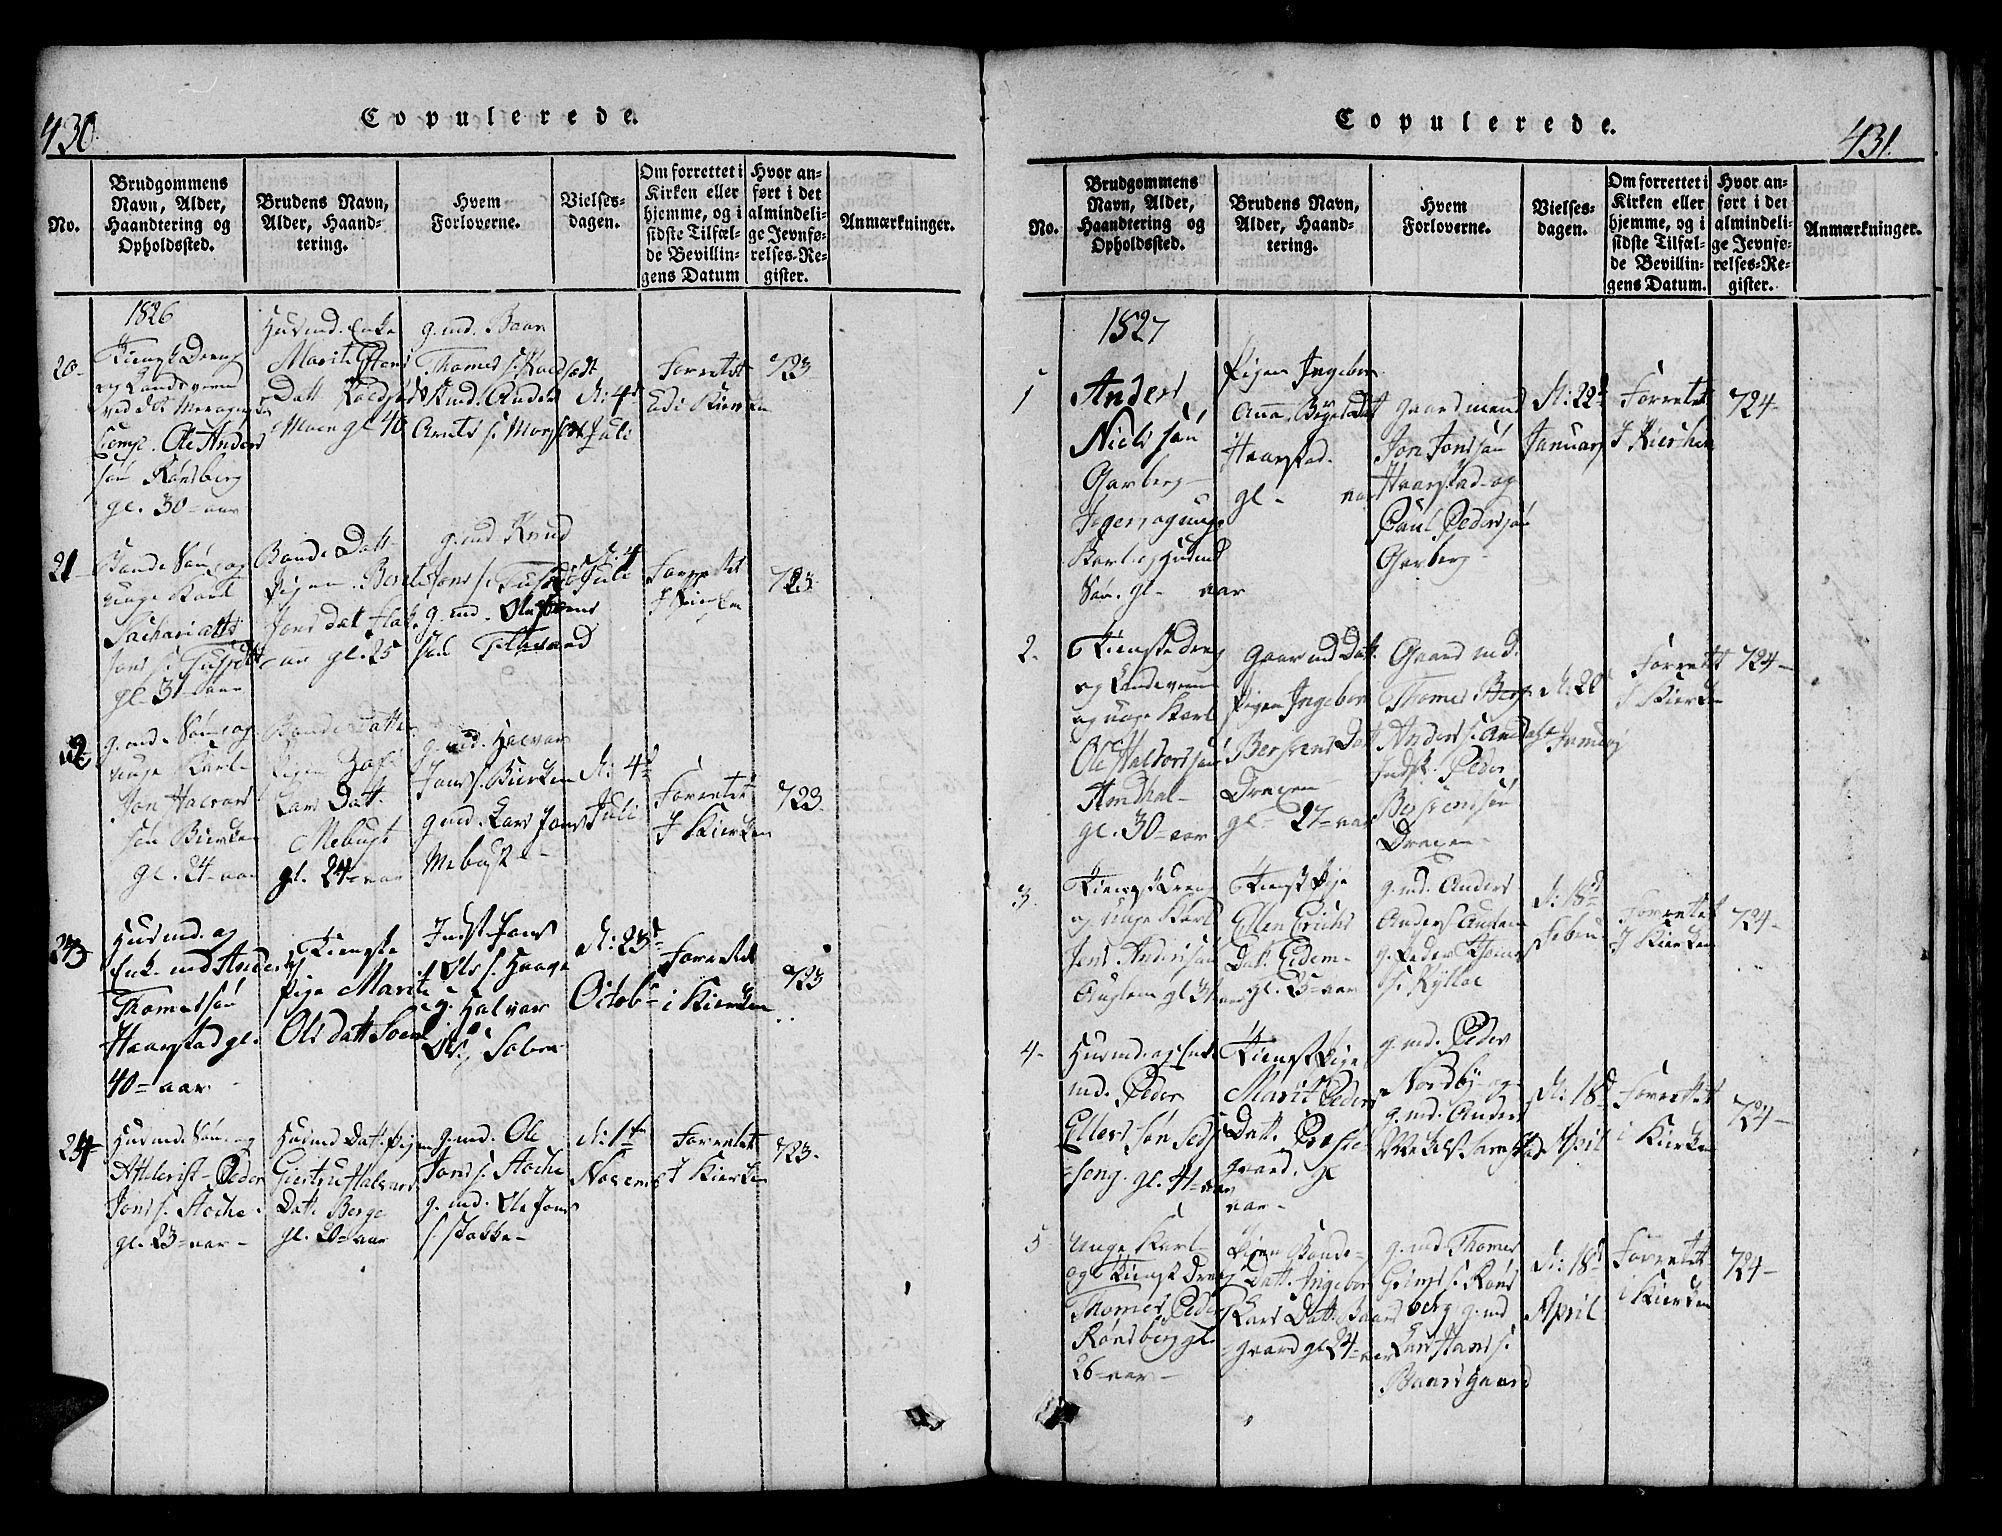 SAT, Ministerialprotokoller, klokkerbøker og fødselsregistre - Sør-Trøndelag, 695/L1152: Klokkerbok nr. 695C03, 1816-1831, s. 430-431